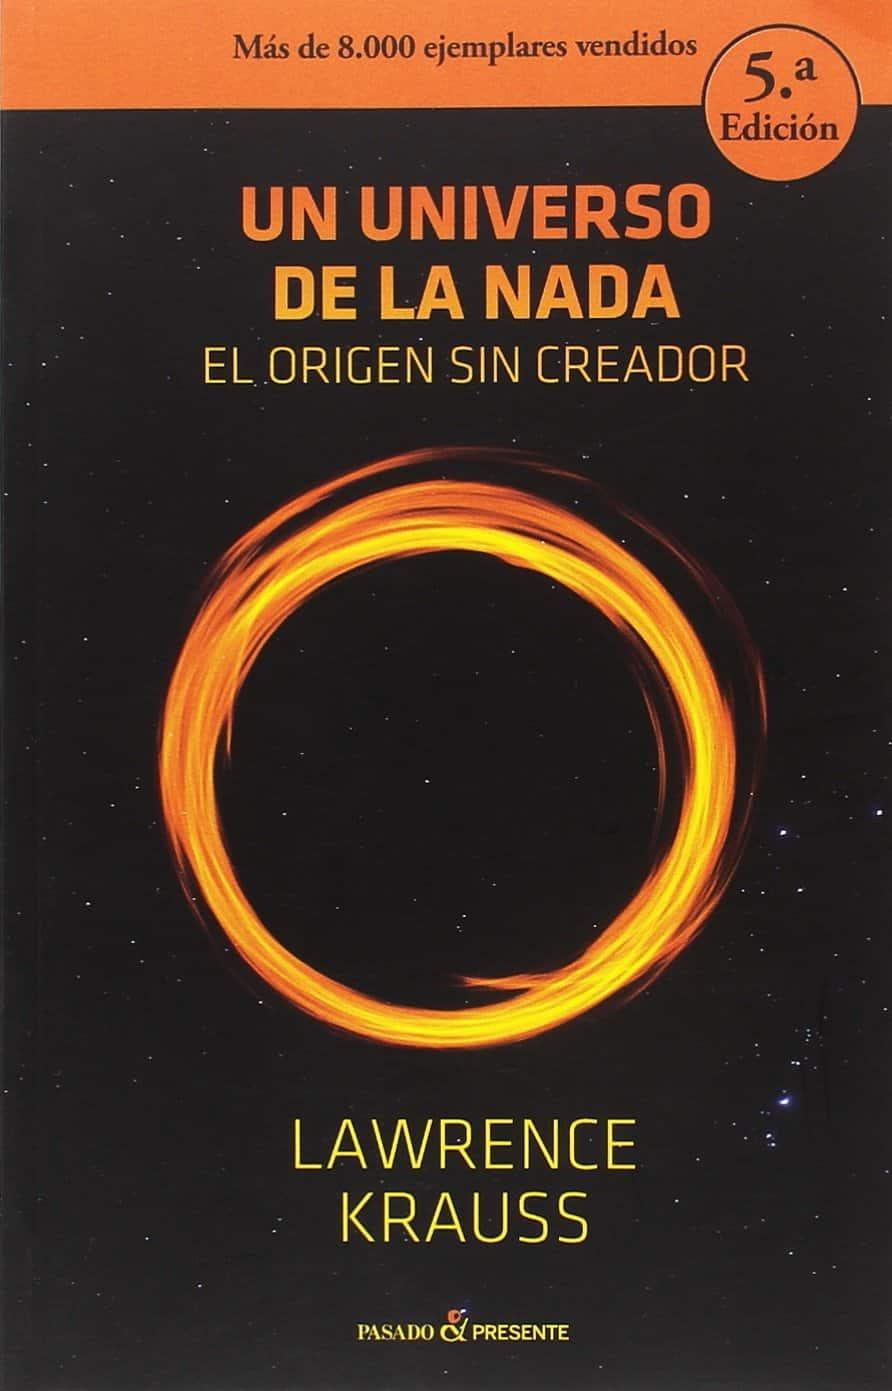 """Libro del autor Lawrence Kraus """"Un universo de la nada"""""""